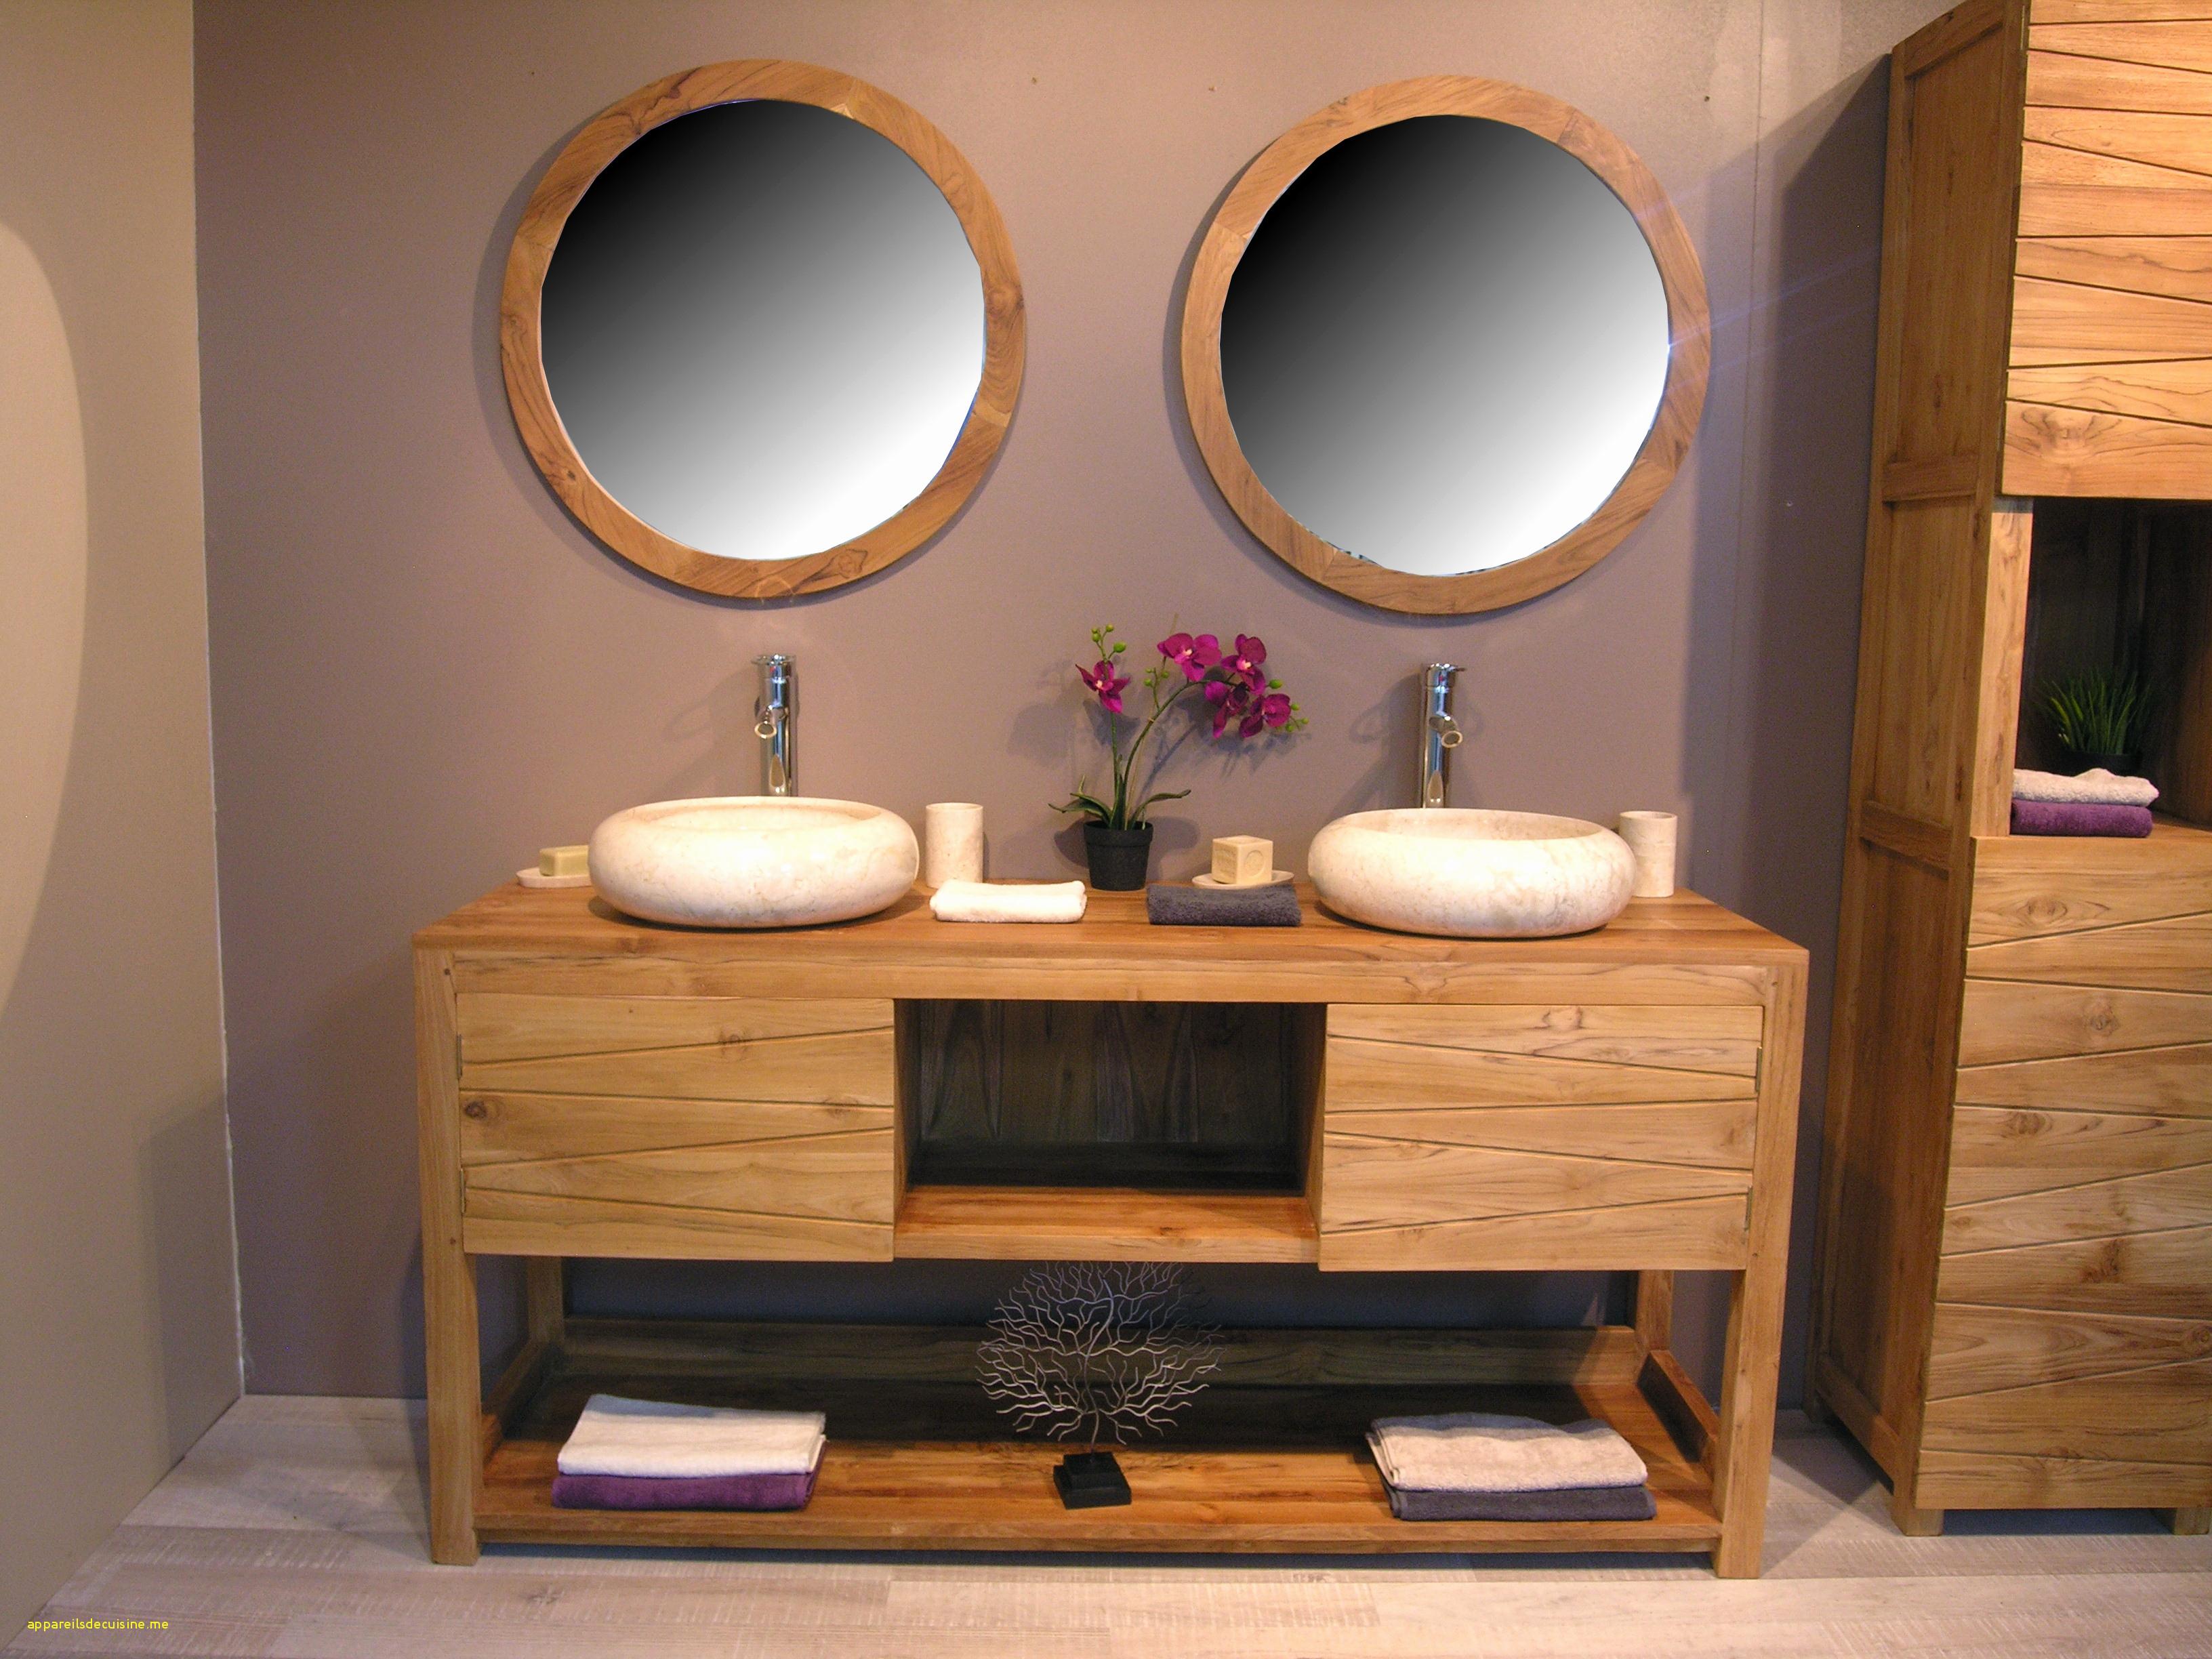 Meuble Salle De Bain Double Vasque Ikea Inspirant Image Meuble Double Vasque 15 Pas Cher Frais De Salle Bain En Bois